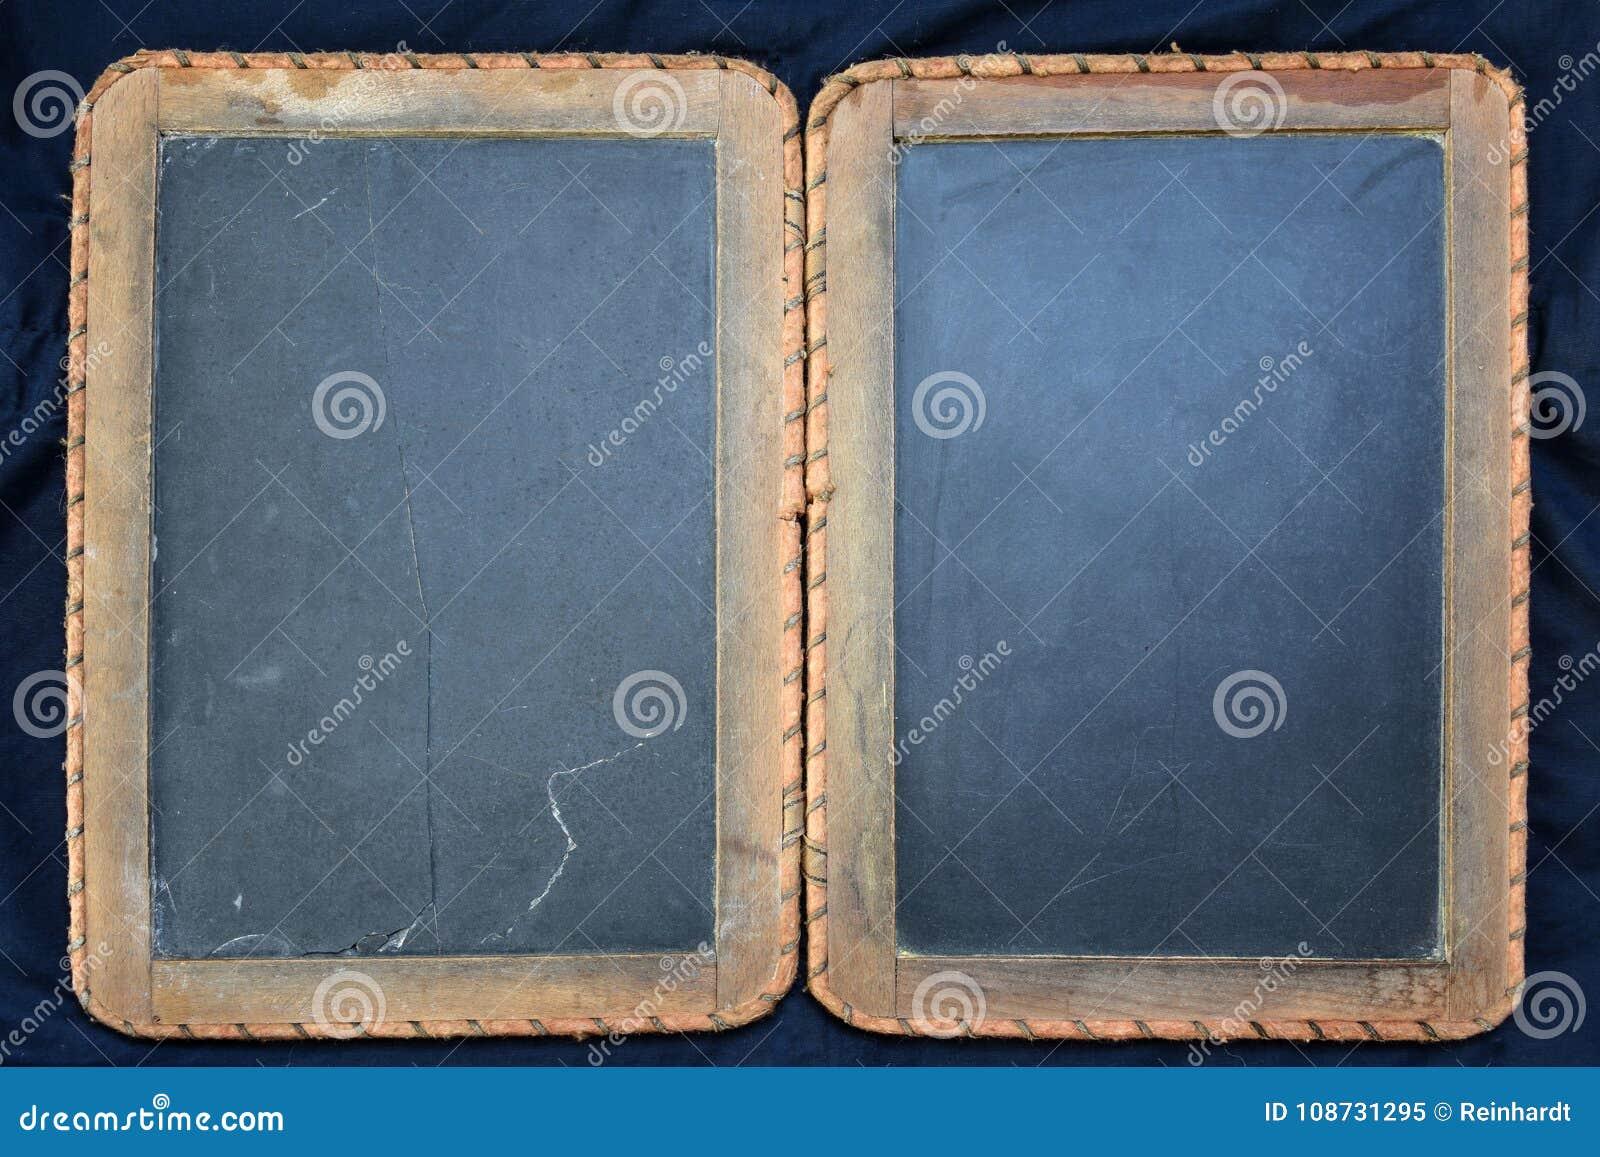 tableau noir d 39 cole de vintage fait en ardoise image stock image du brun antique 108731295. Black Bedroom Furniture Sets. Home Design Ideas